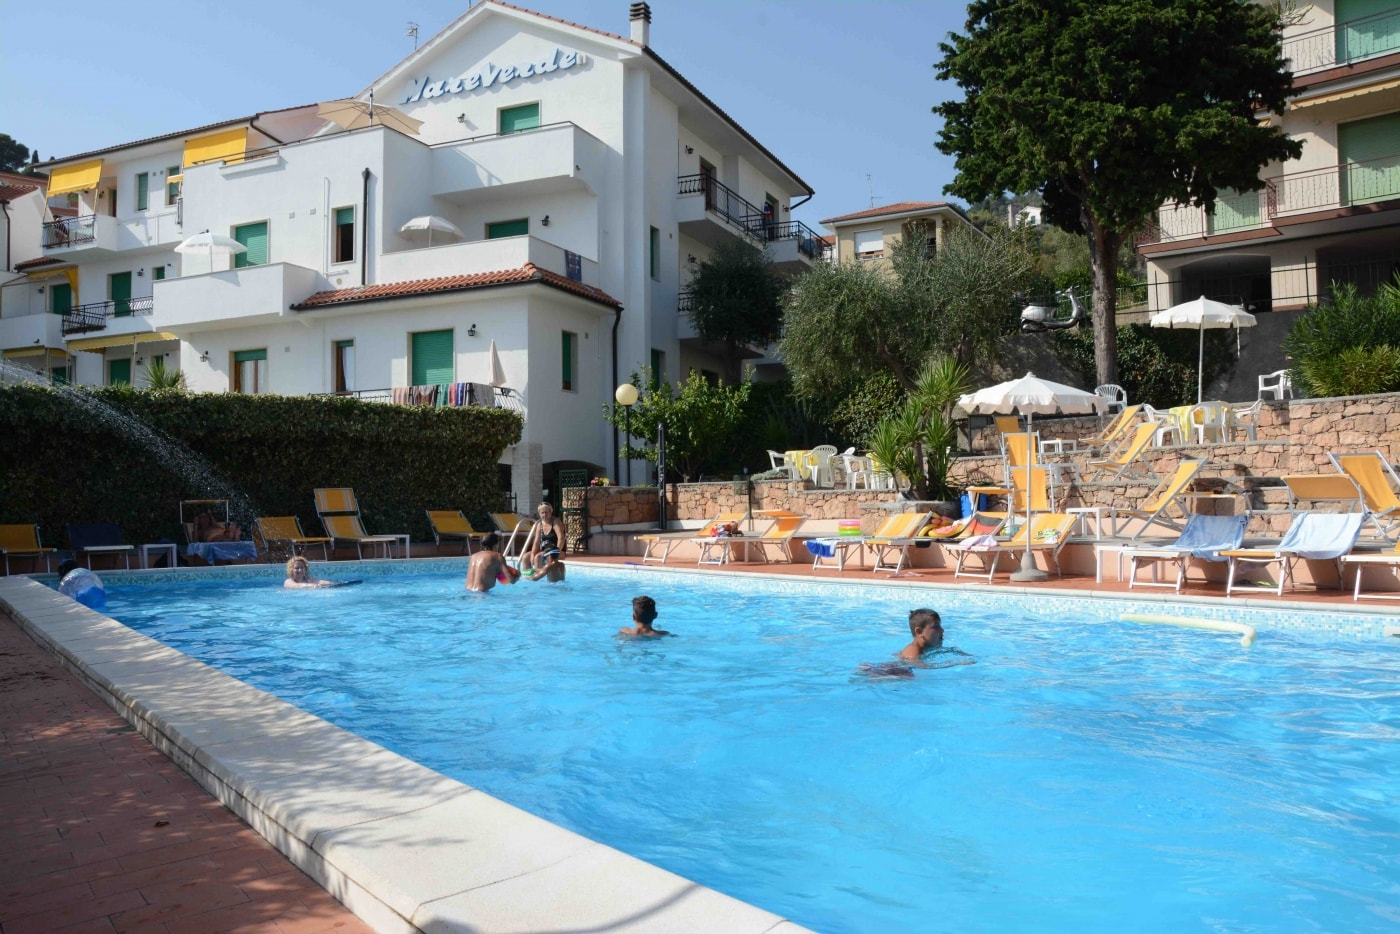 Ferienwohnungen mit Meerblick<br>für einen Familienurlaub<br>in Pietra Ligure